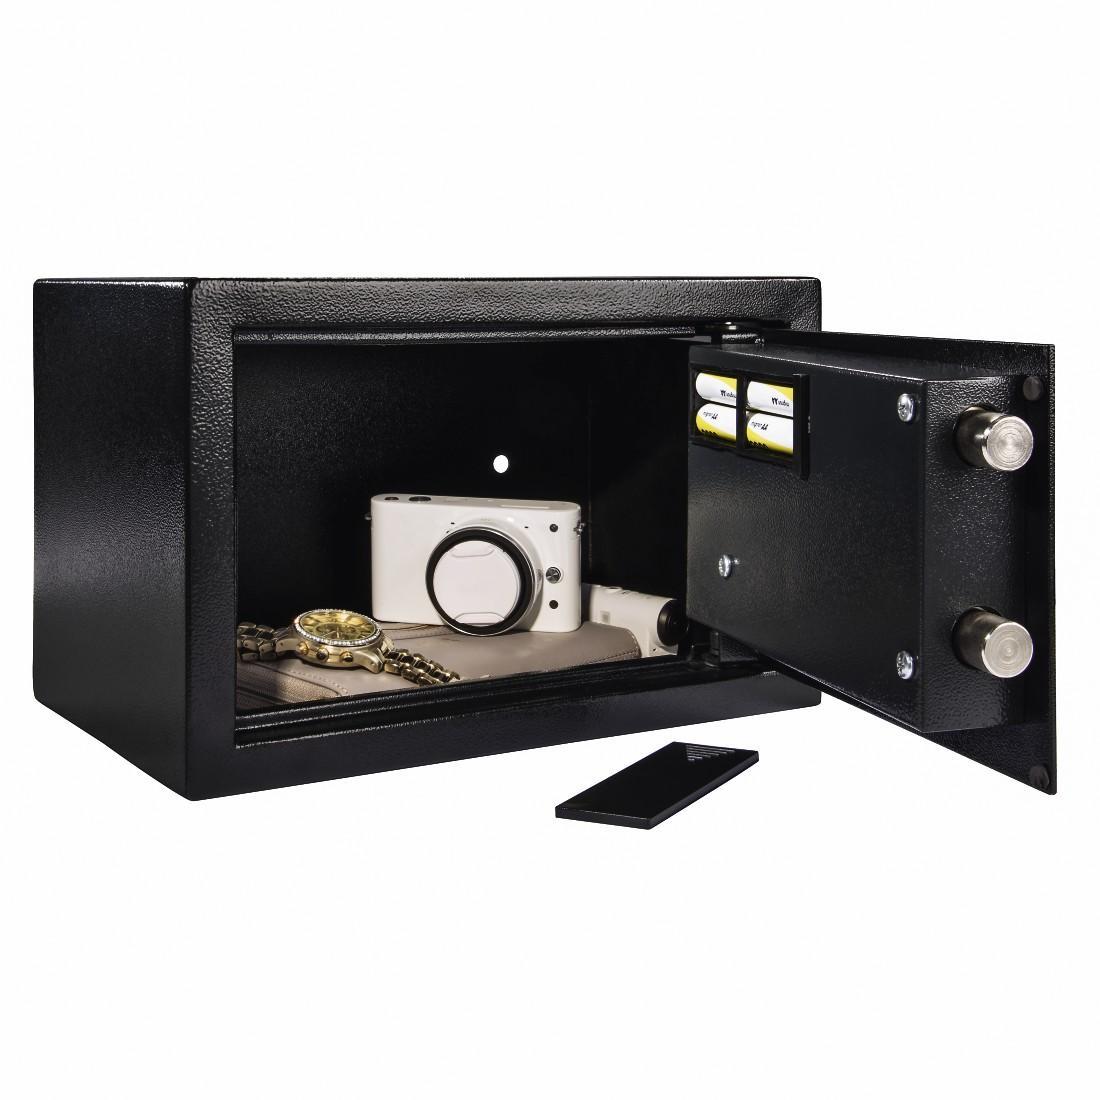 Електронен сейф HAMA Premium EP-200, 31 x 20 x 20 cm, Черен